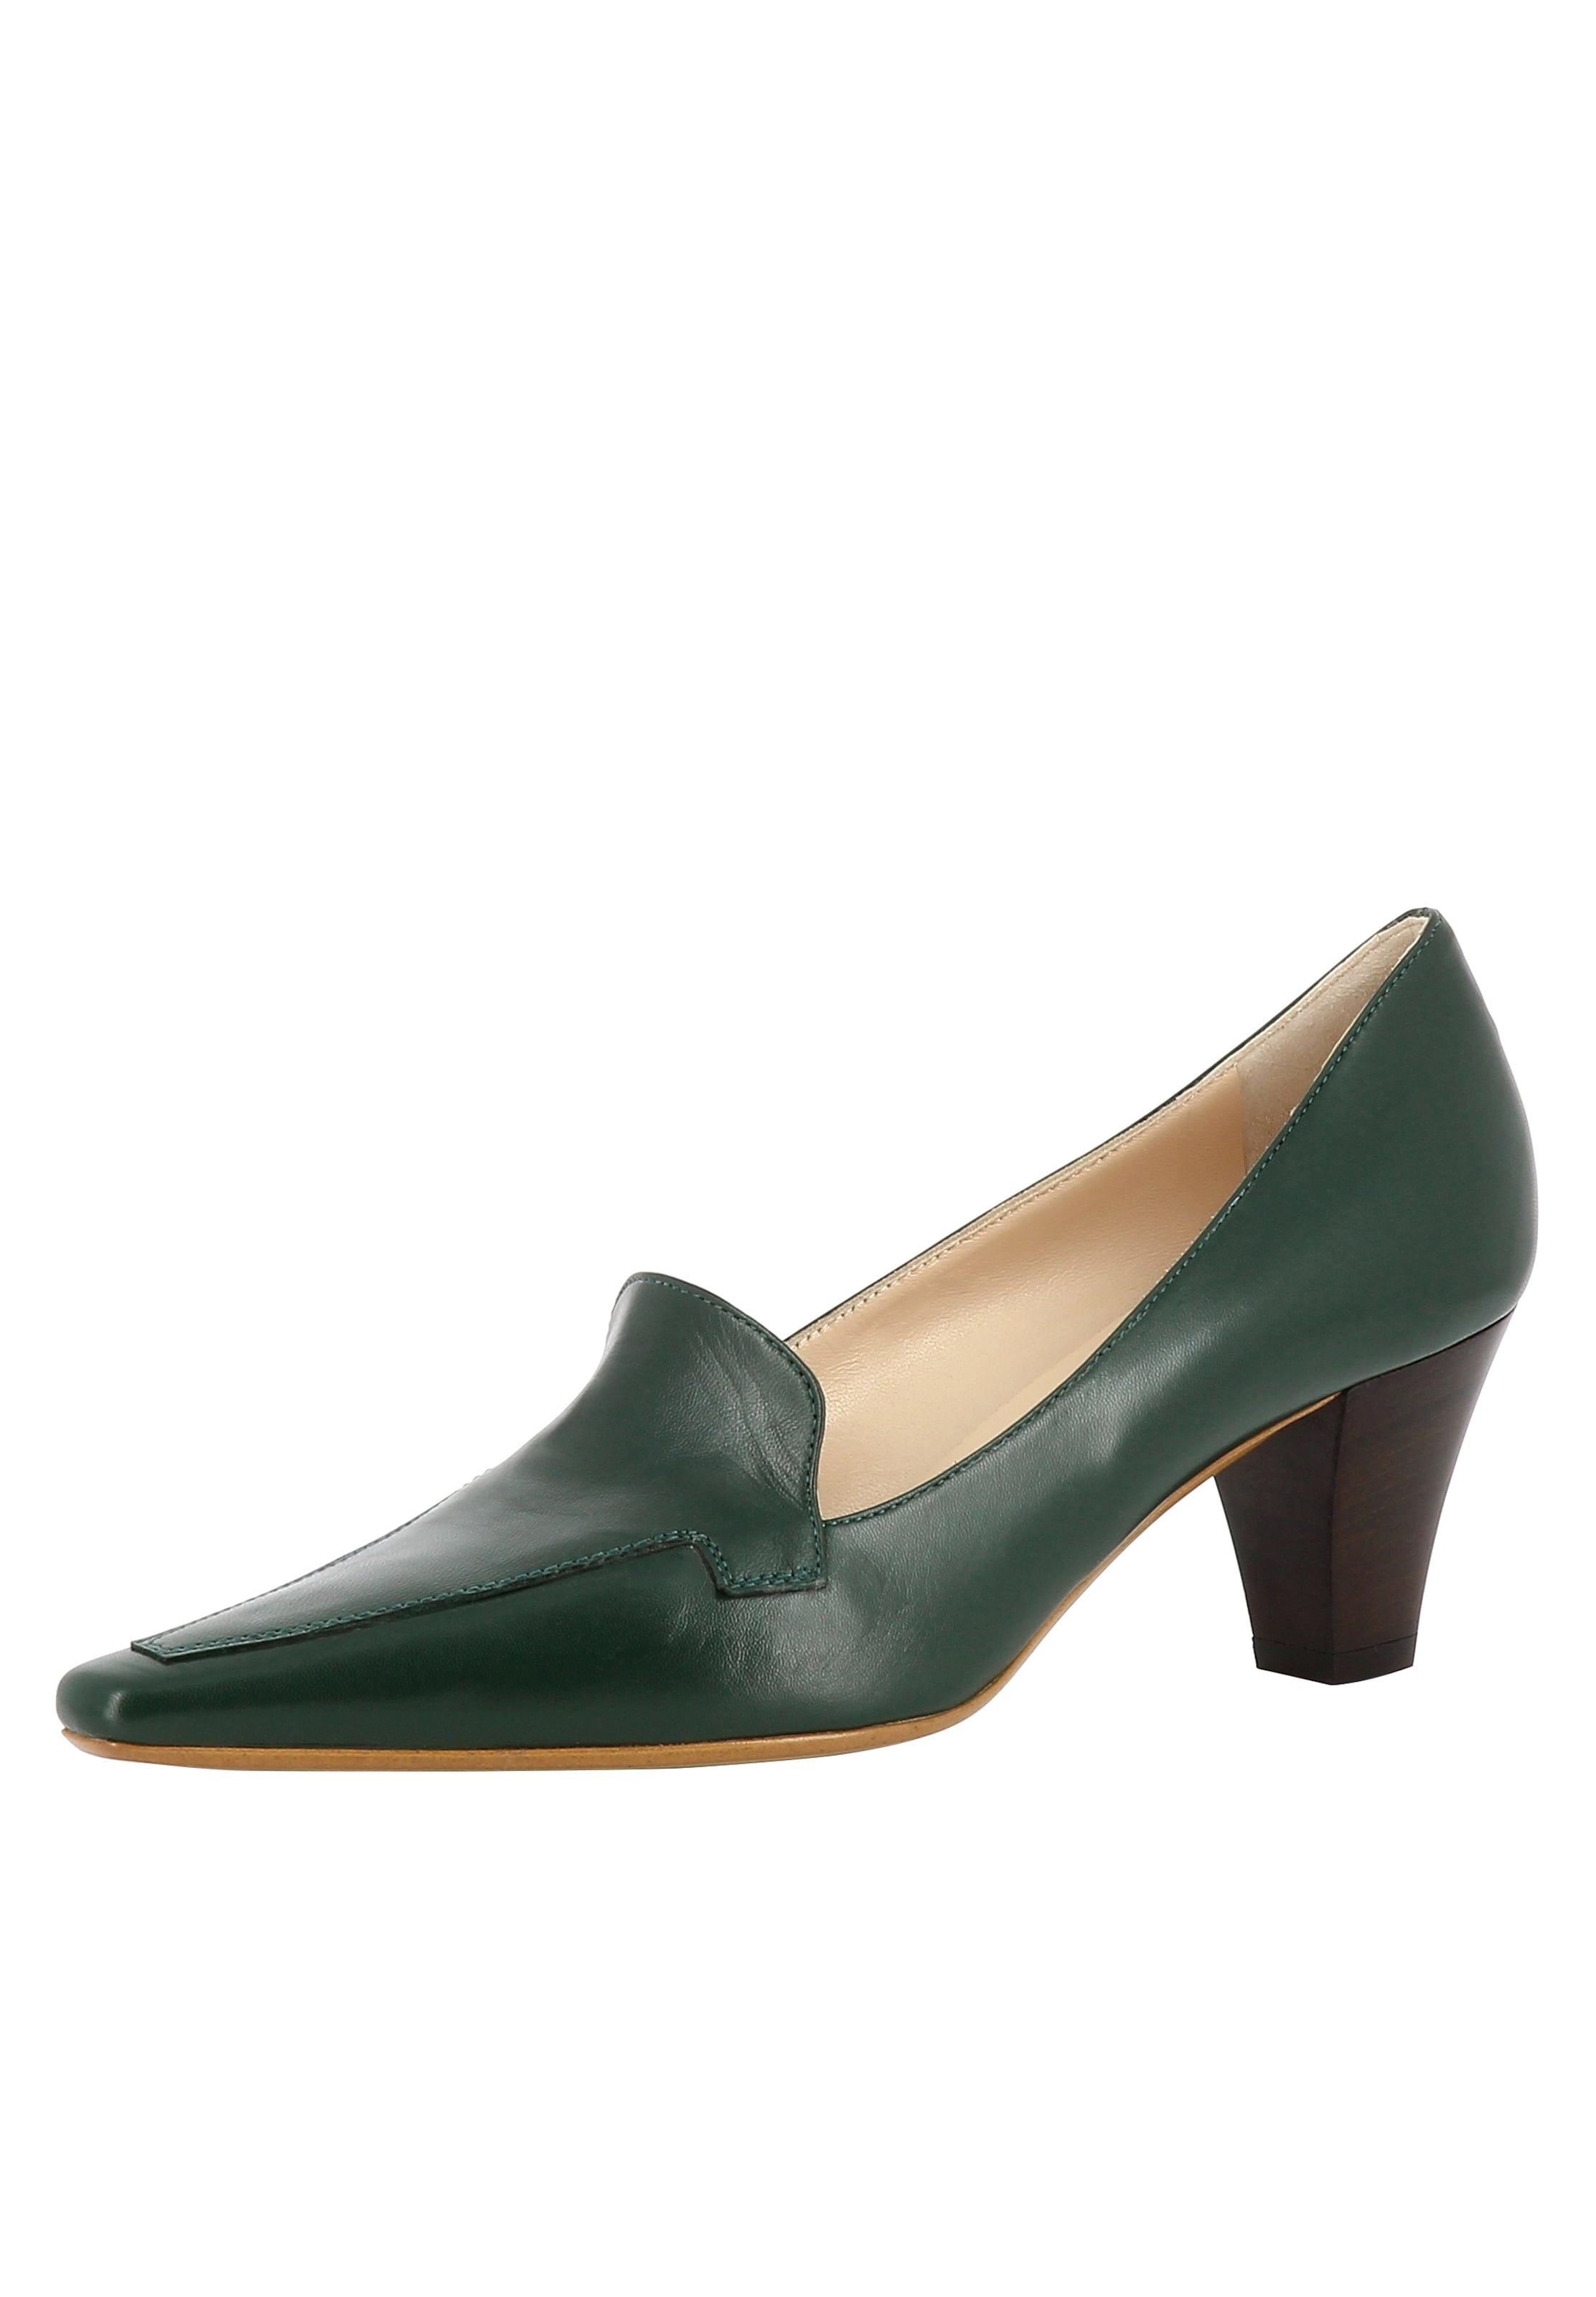 EVITA Damen Pumps PATRIZIA Günstige und langlebige Schuhe